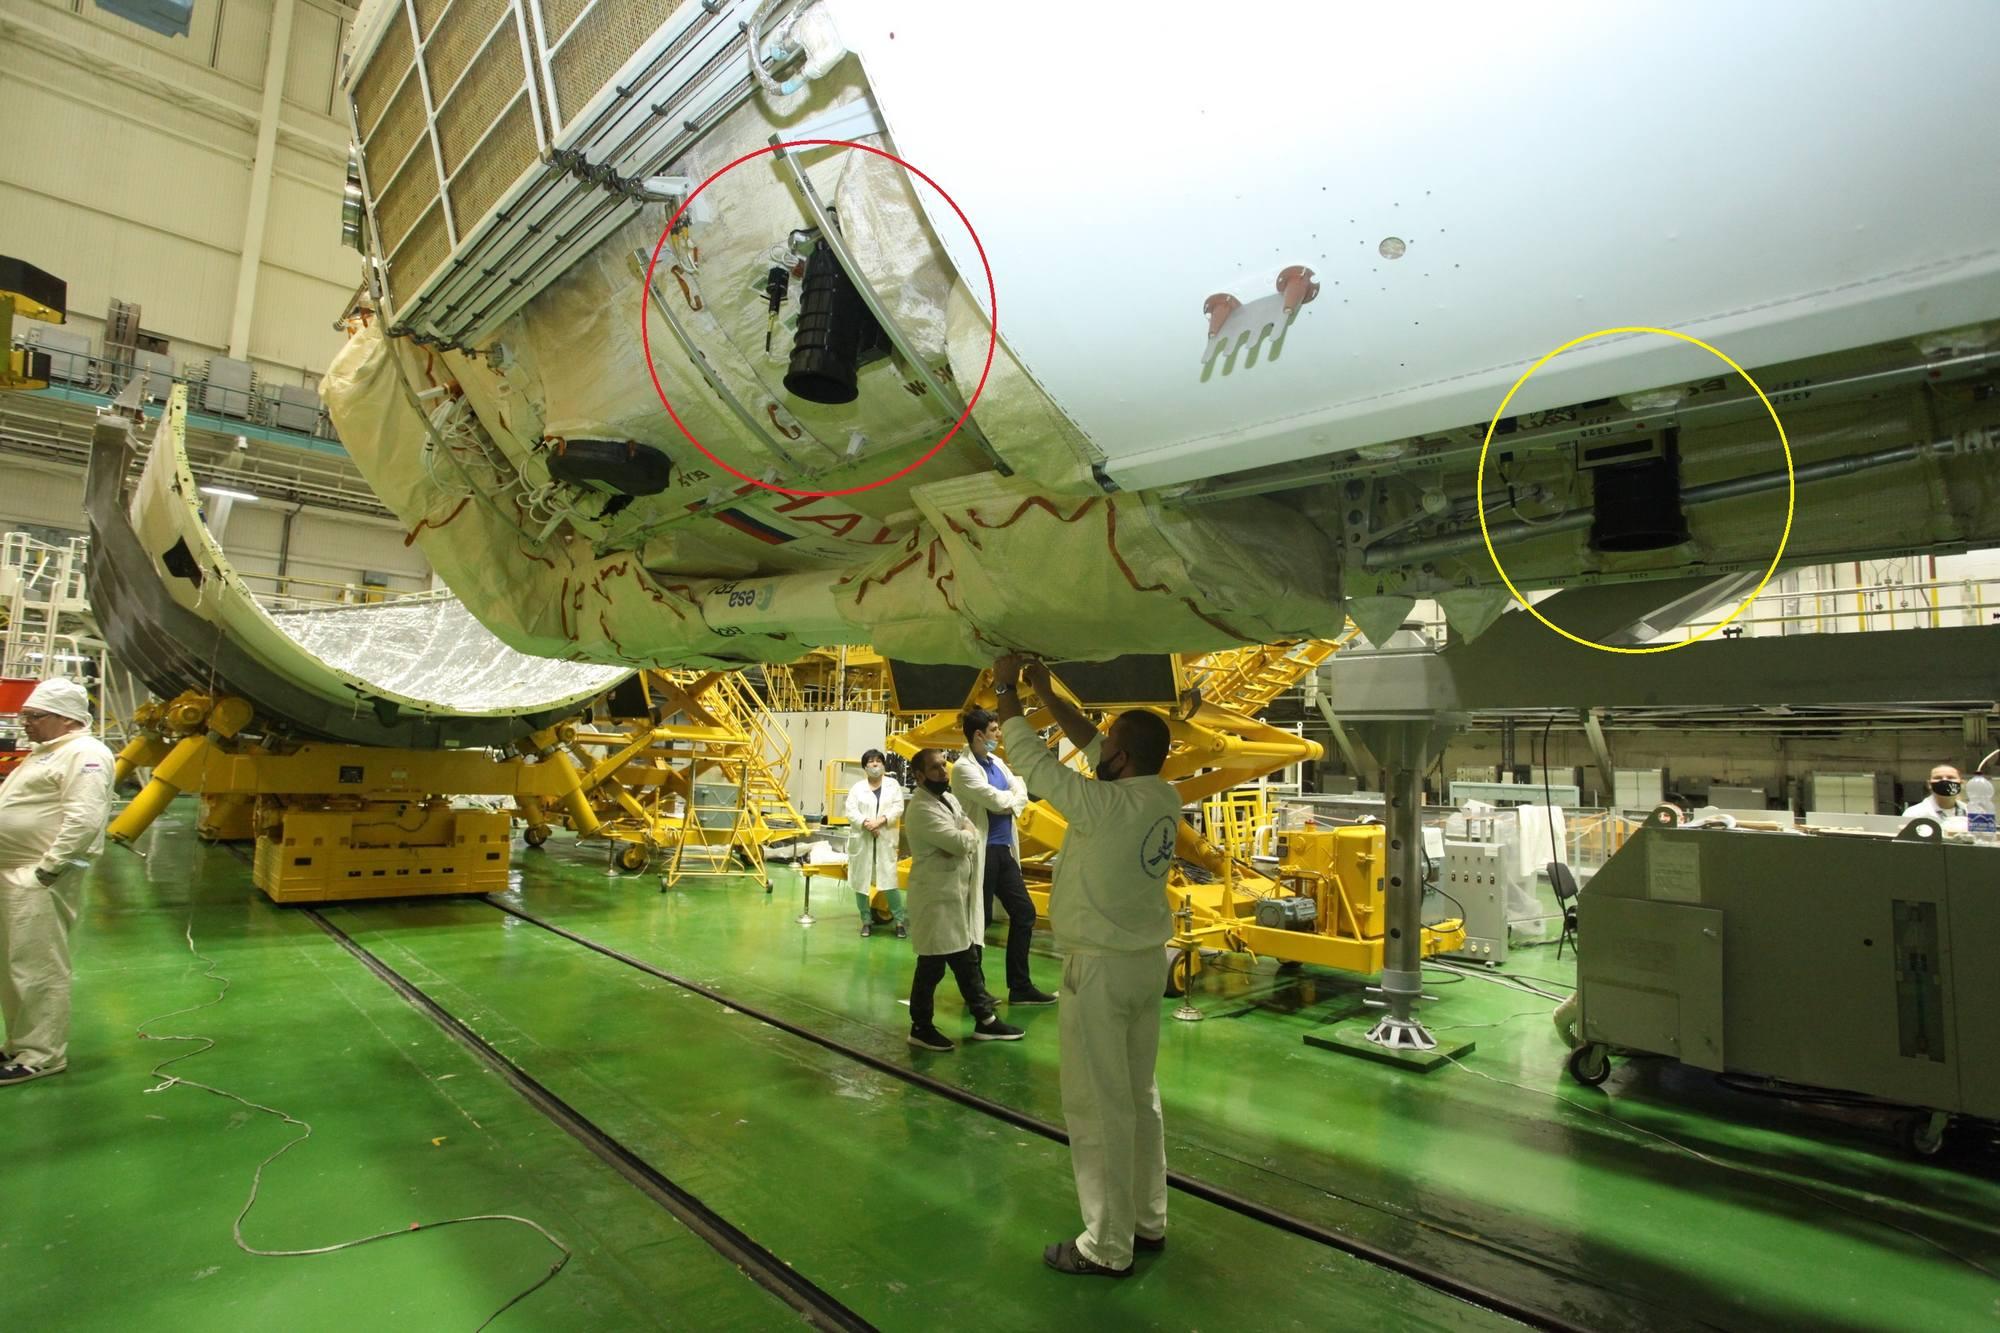 Le module Naouka lors de sa préparation à Baïkonour. Les cercles indiquent les zones probables où les couvertures de thermorégulation ont été oubliées.